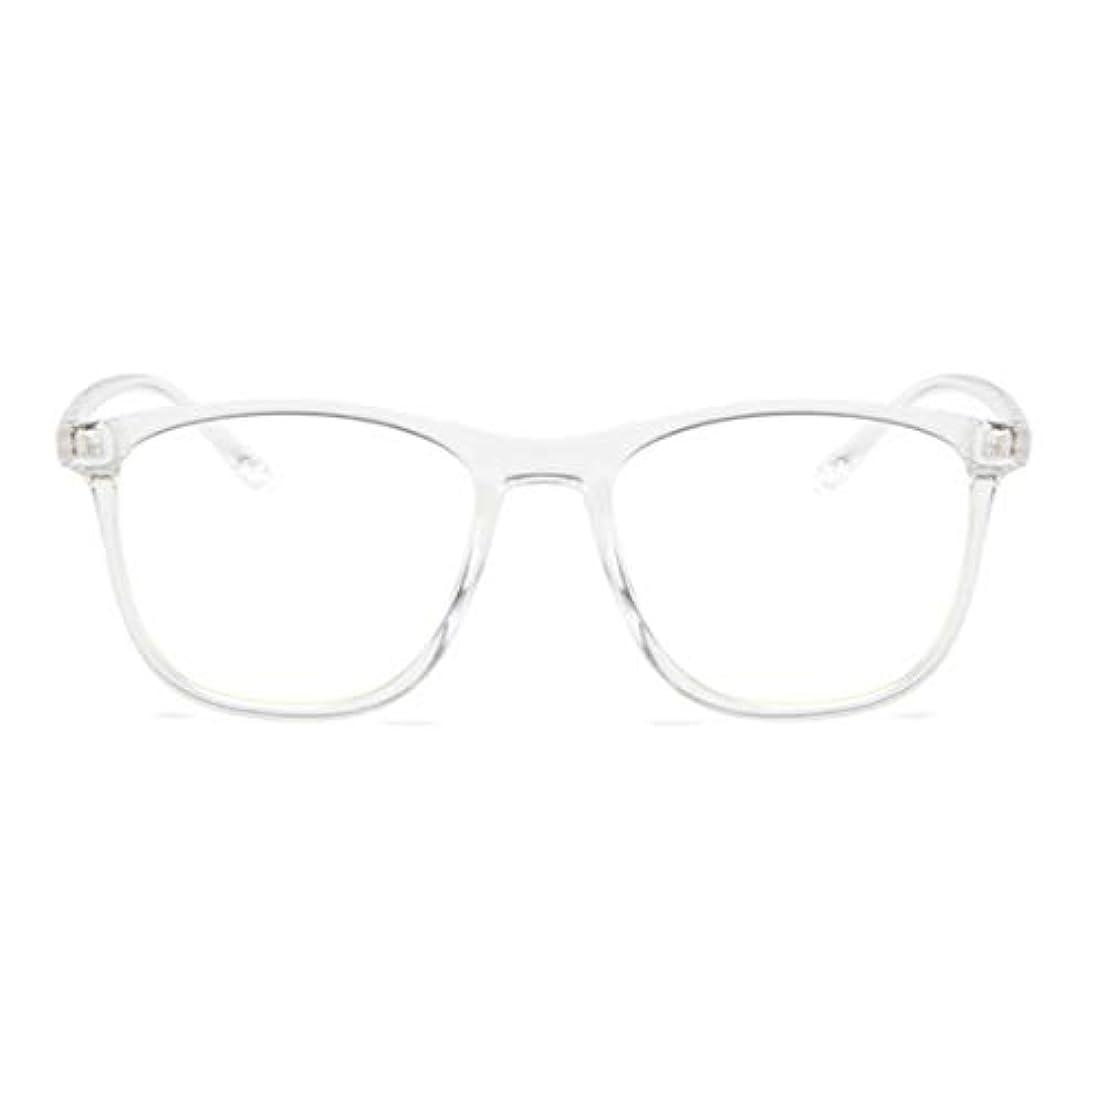 堤防太字大学院韓国の学生のプレーンメガネ男性と女性のファッションメガネフレーム近視メガネフレームファッショナブルなシンプルなメガネ-透明ホワイト